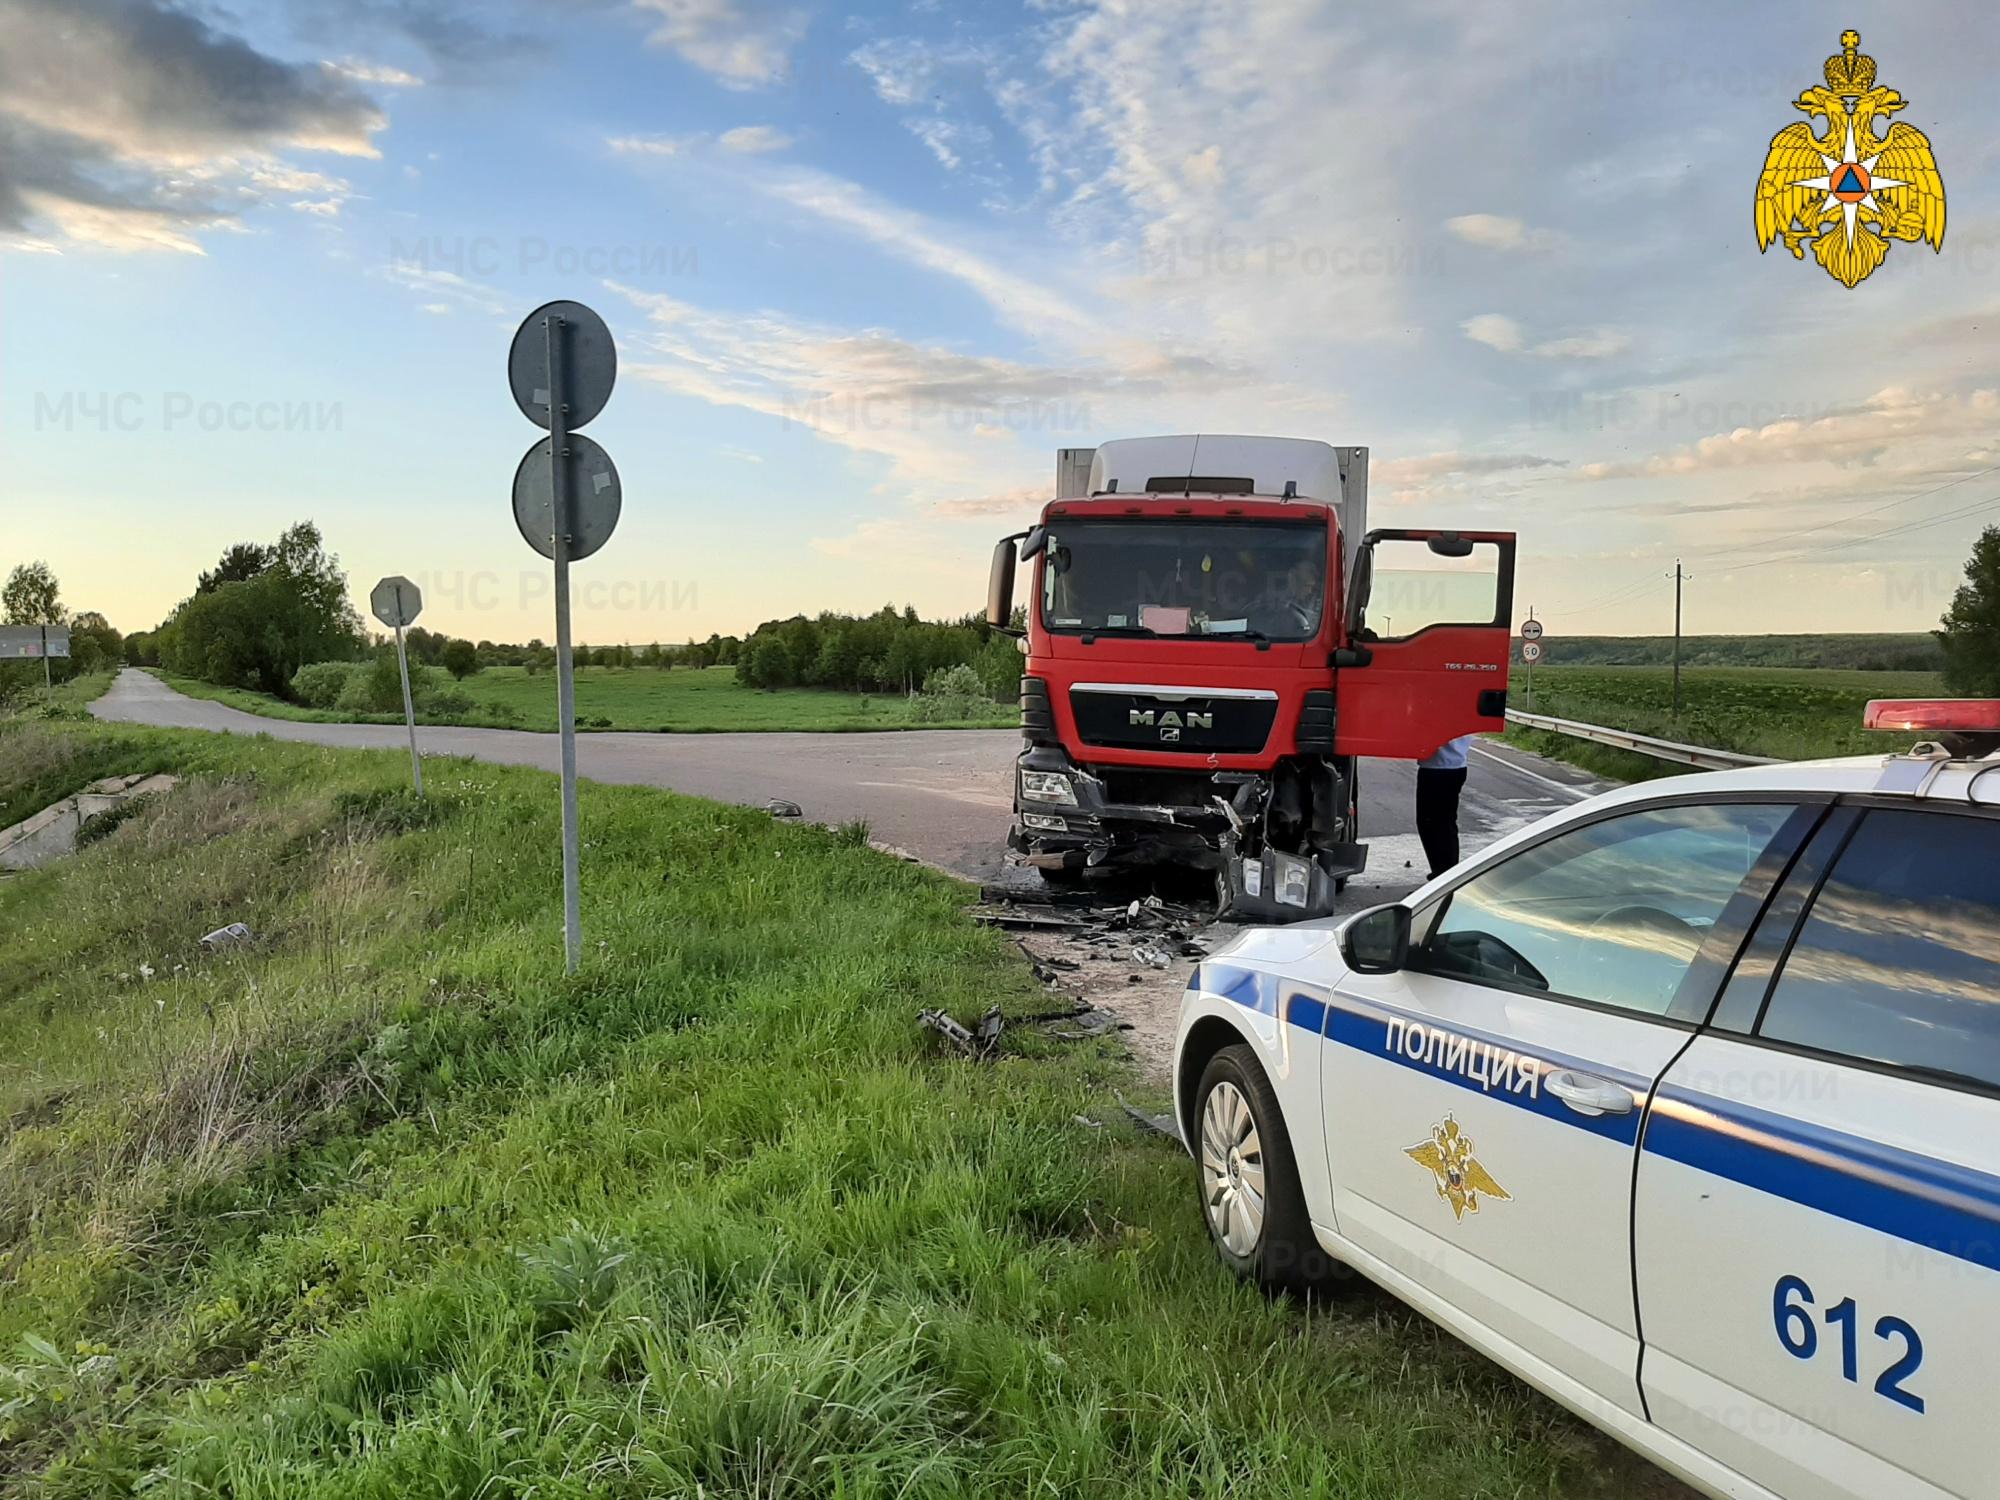 ДТП в Козельском районе, 12 км автодорога «Козельск-Кудринская»